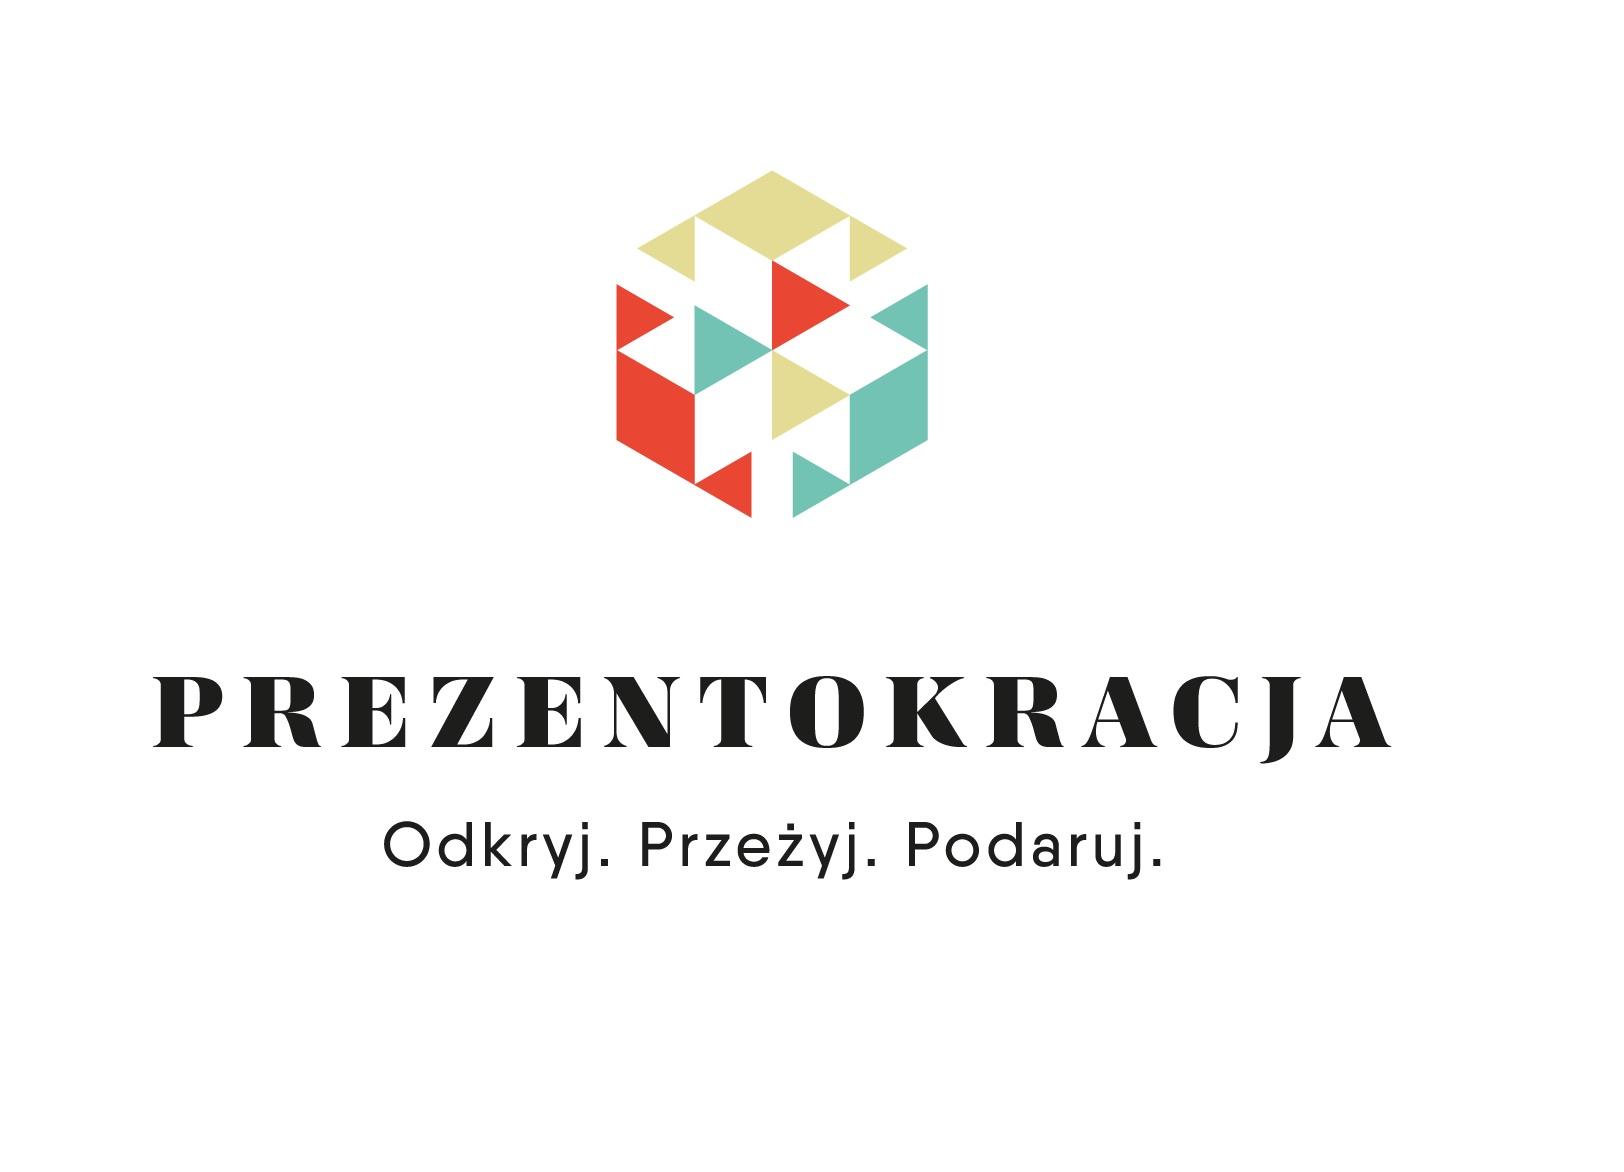 prezentokracja_logo